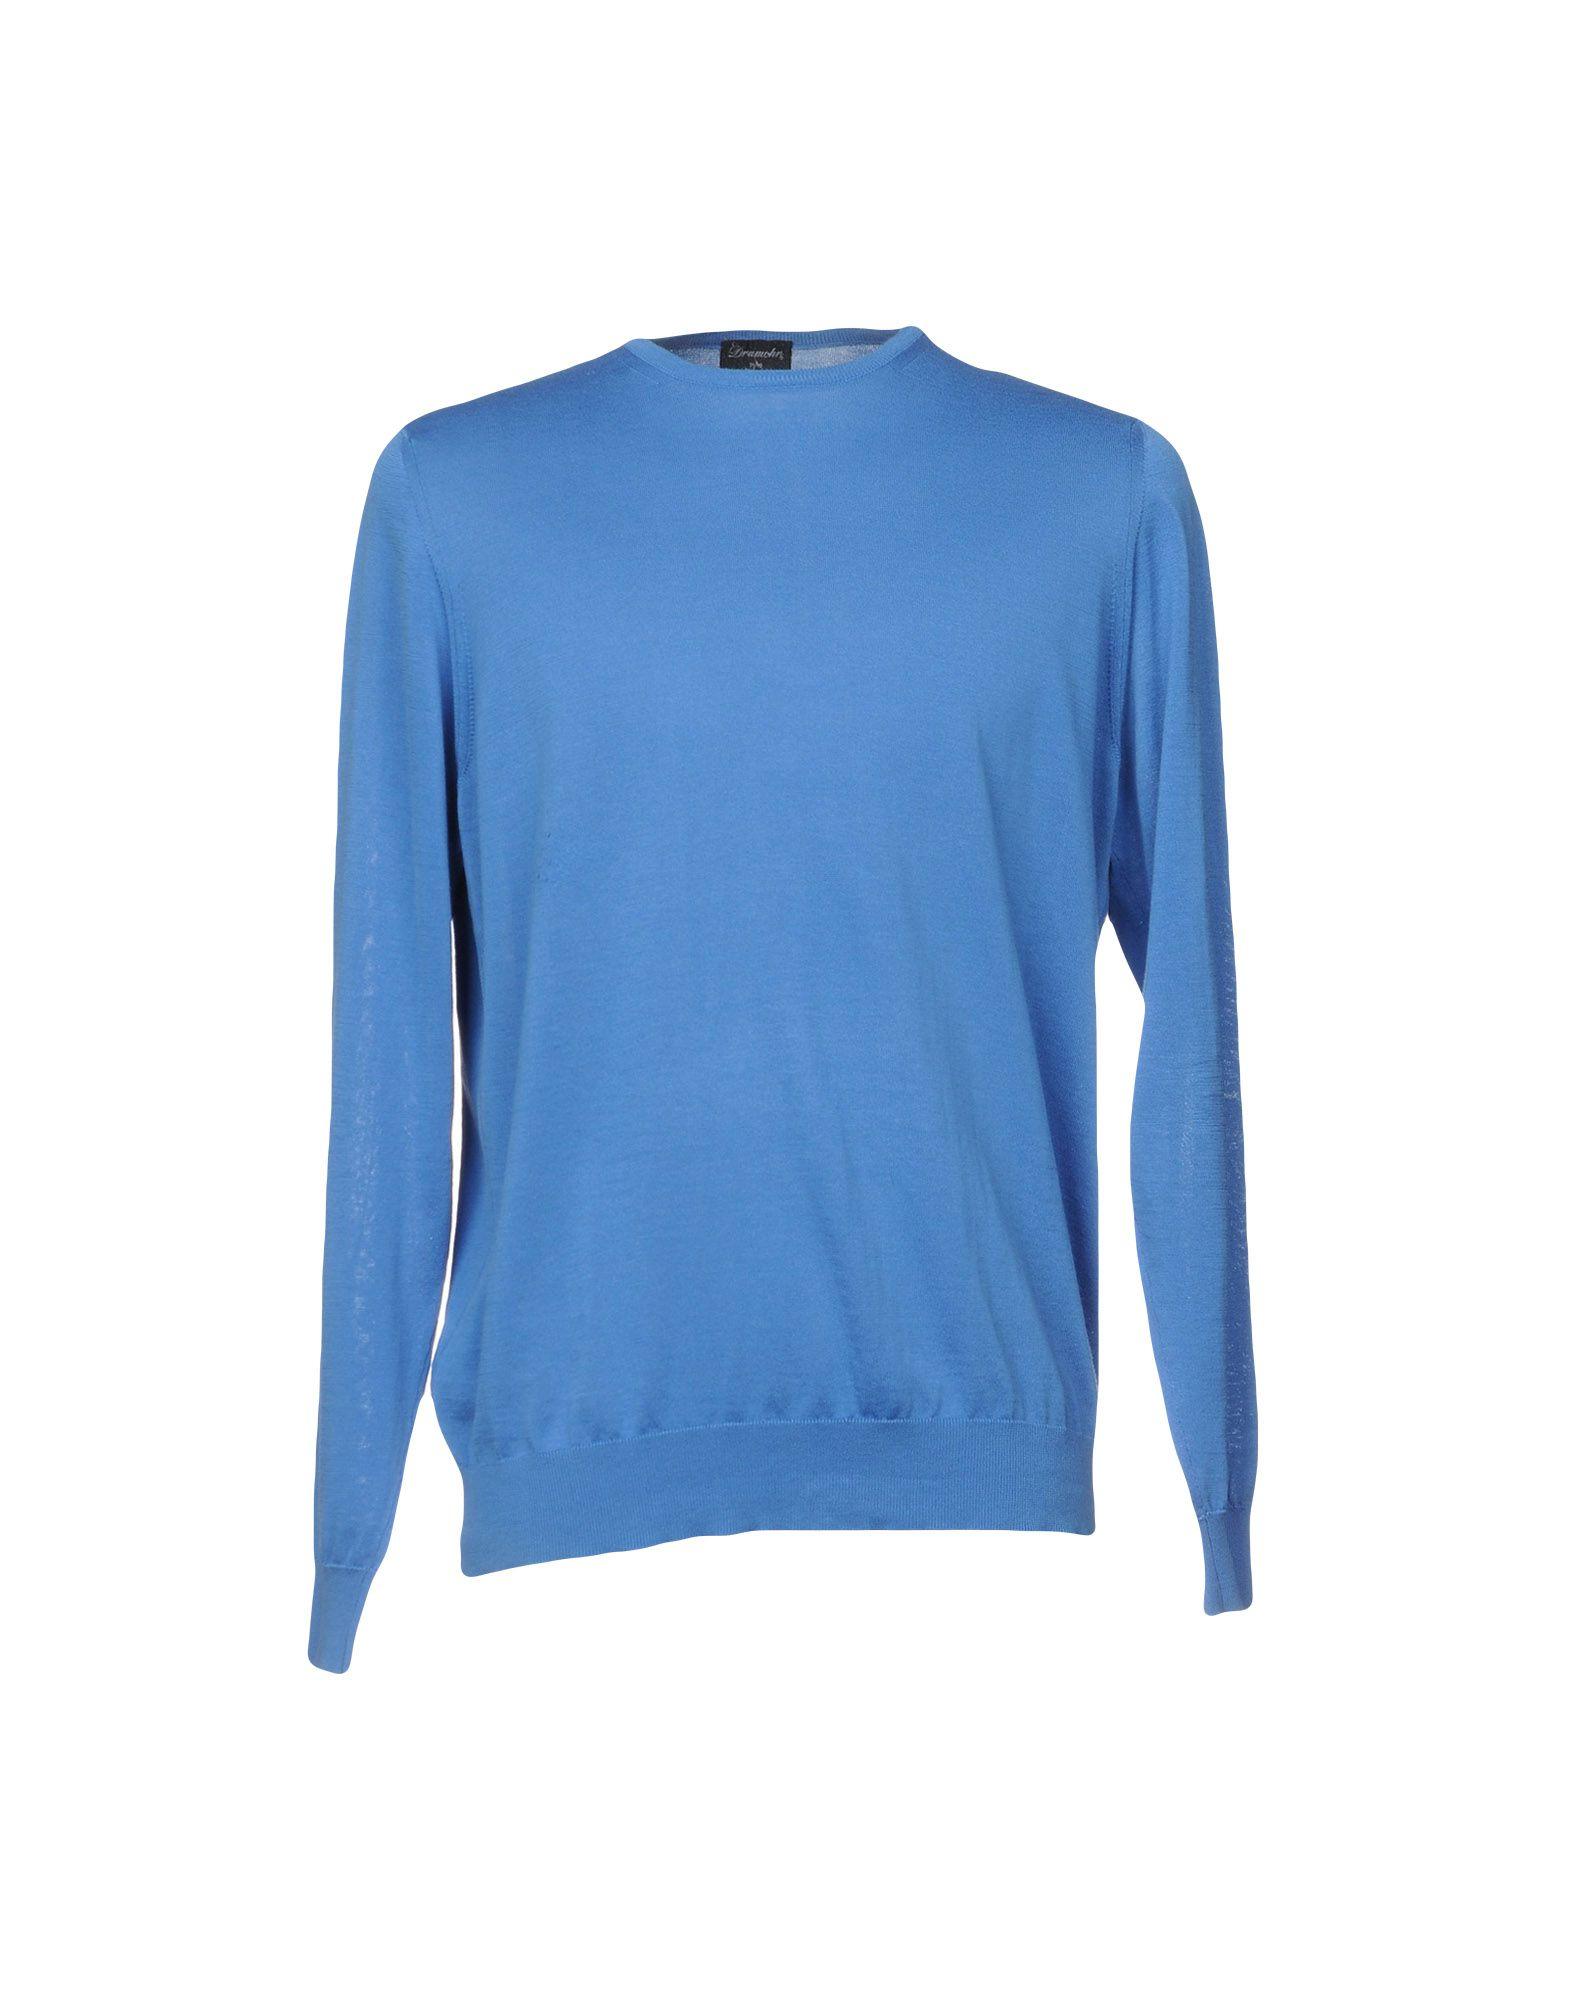 《送料無料》DRUMOHR メンズ T シャツ アジュールブルー XL コットン 100%